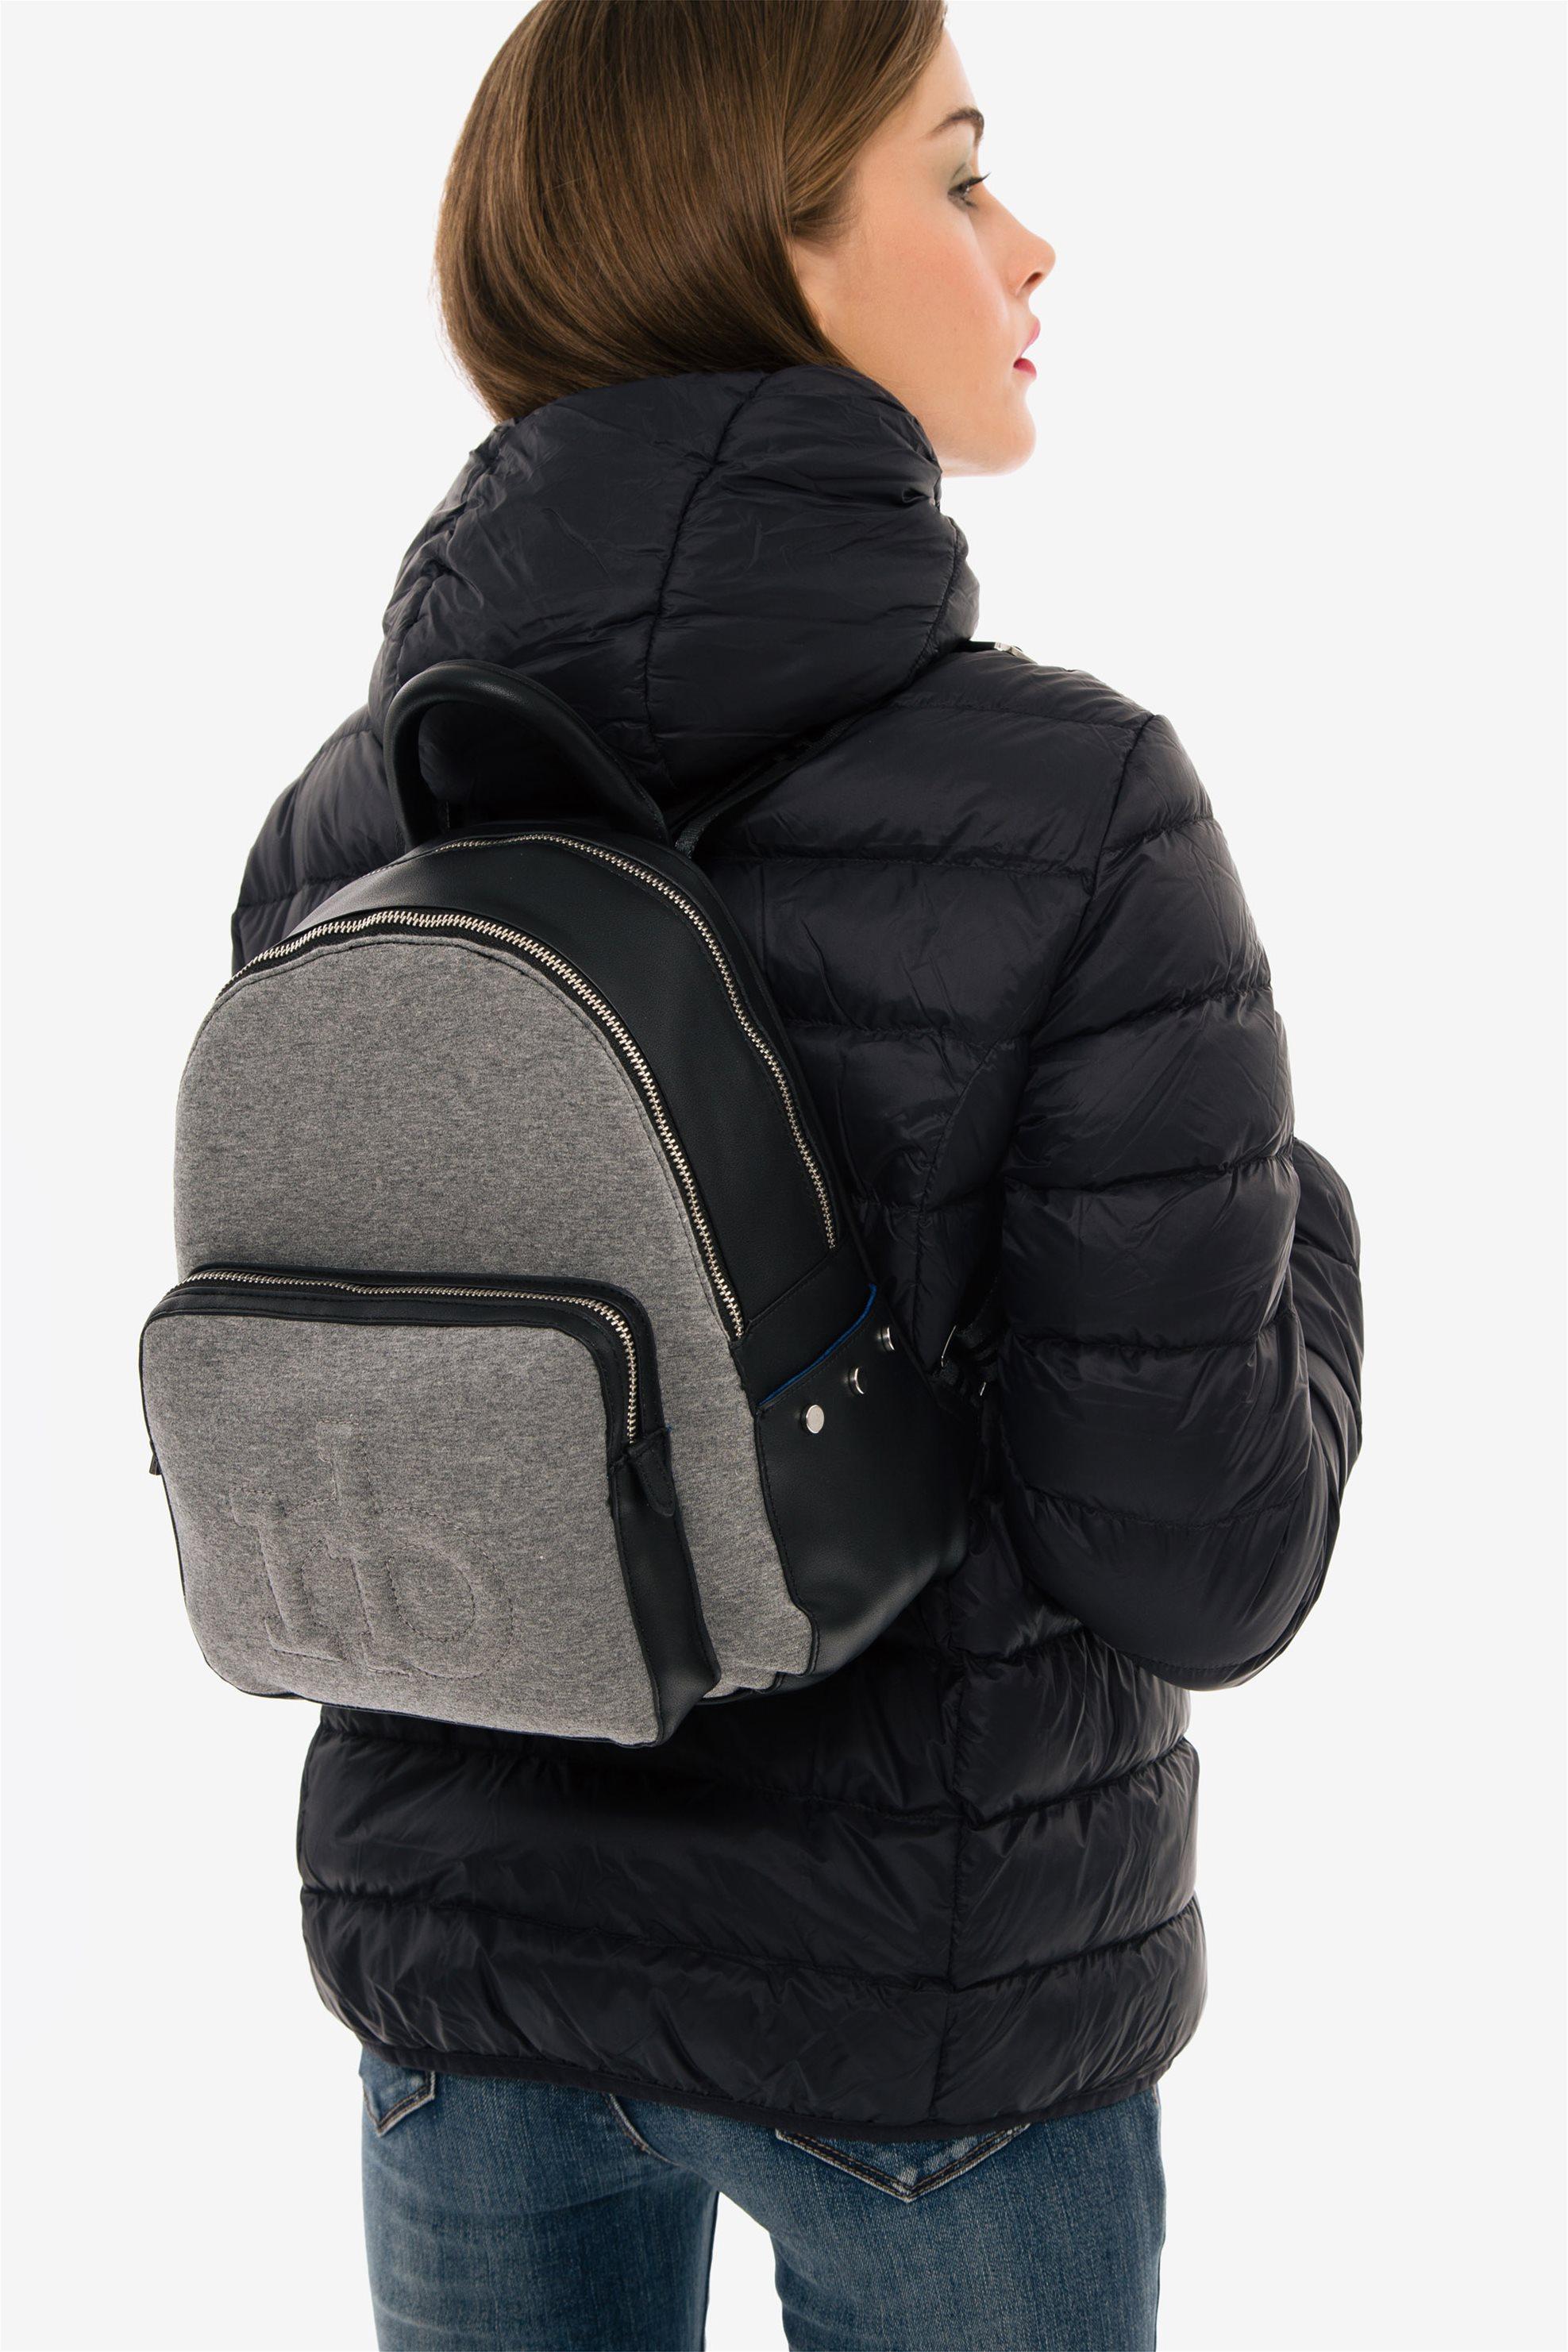 Γυναικεία Backpack - Σελίδα 18  864efead2dd